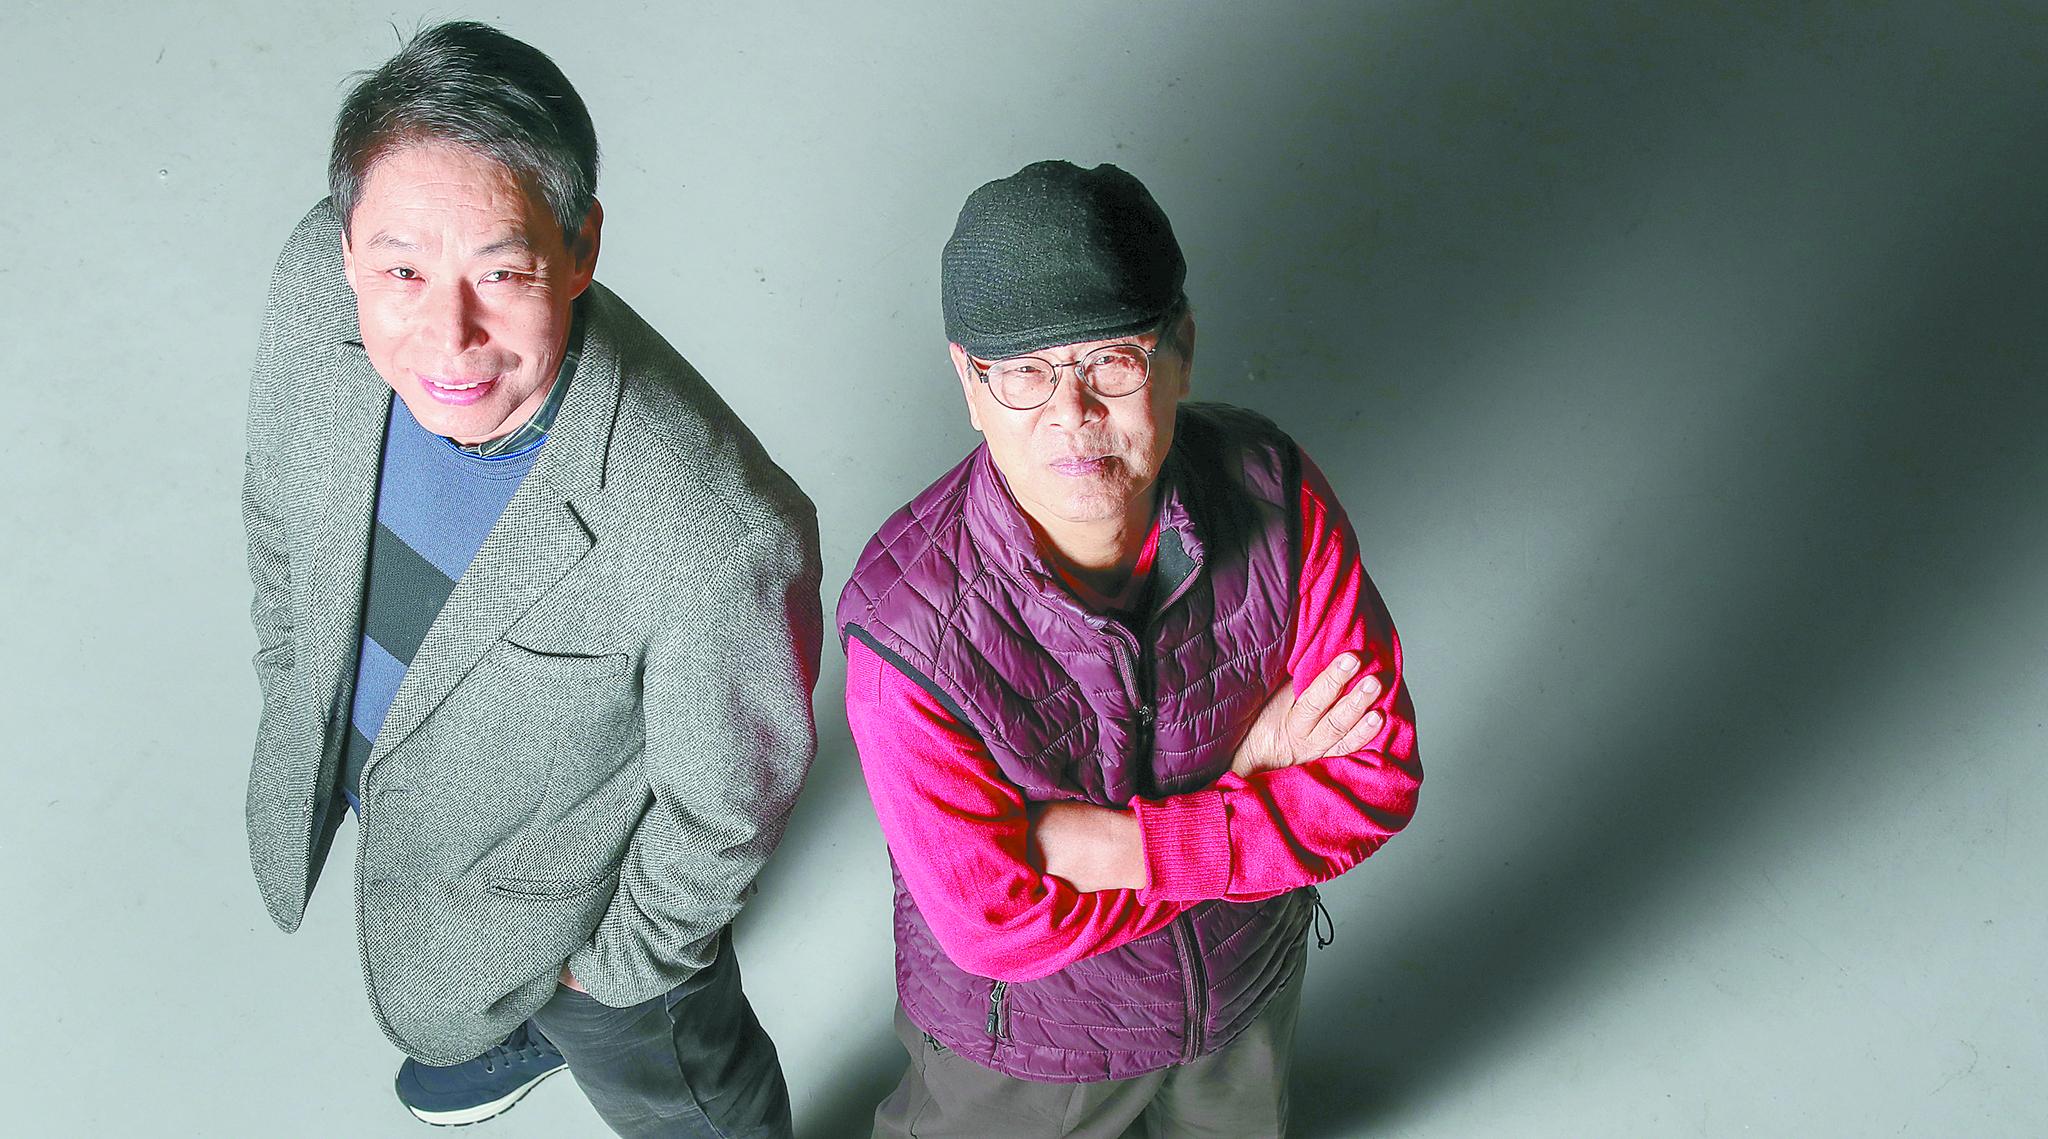 15년 만에 만난 송재익 캐스터(오른쪽)와 신문선 해설위원. 두 사람은 맛깔나고 날카로운 중계로 큰 인기를 누렸다. 우상조 기자